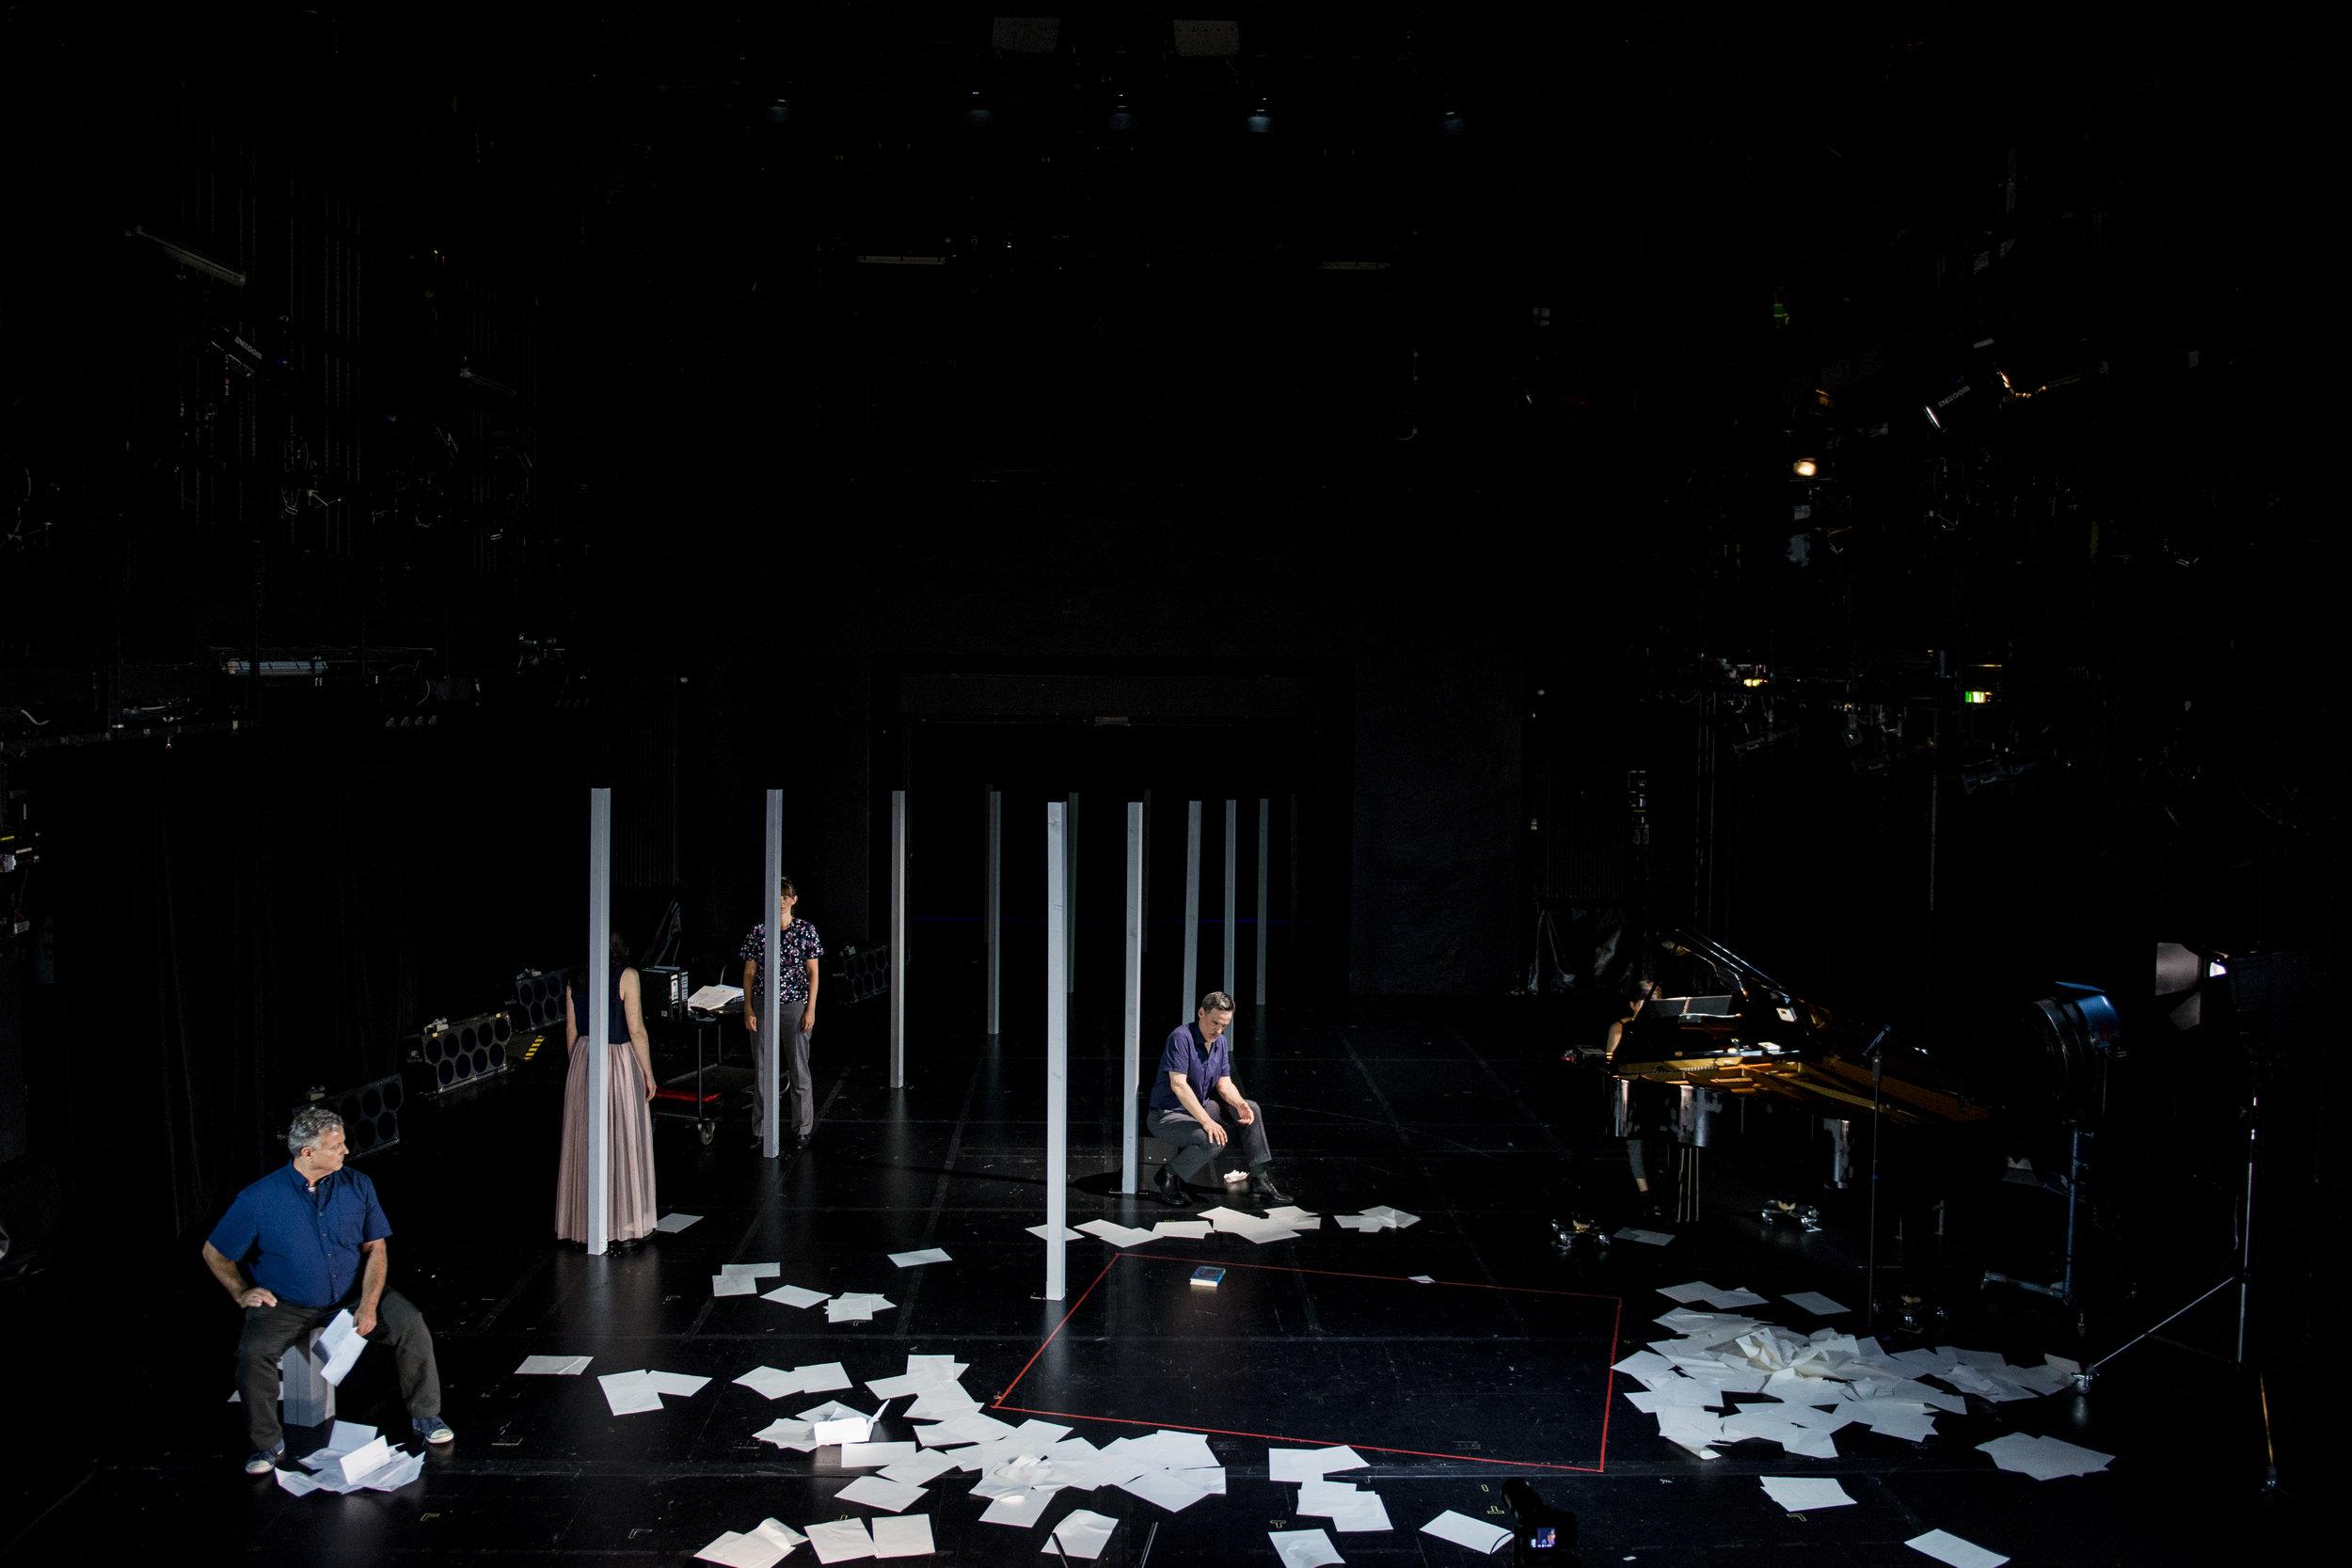 Die Frist ist um - Wagners Holländer im Todestrakt